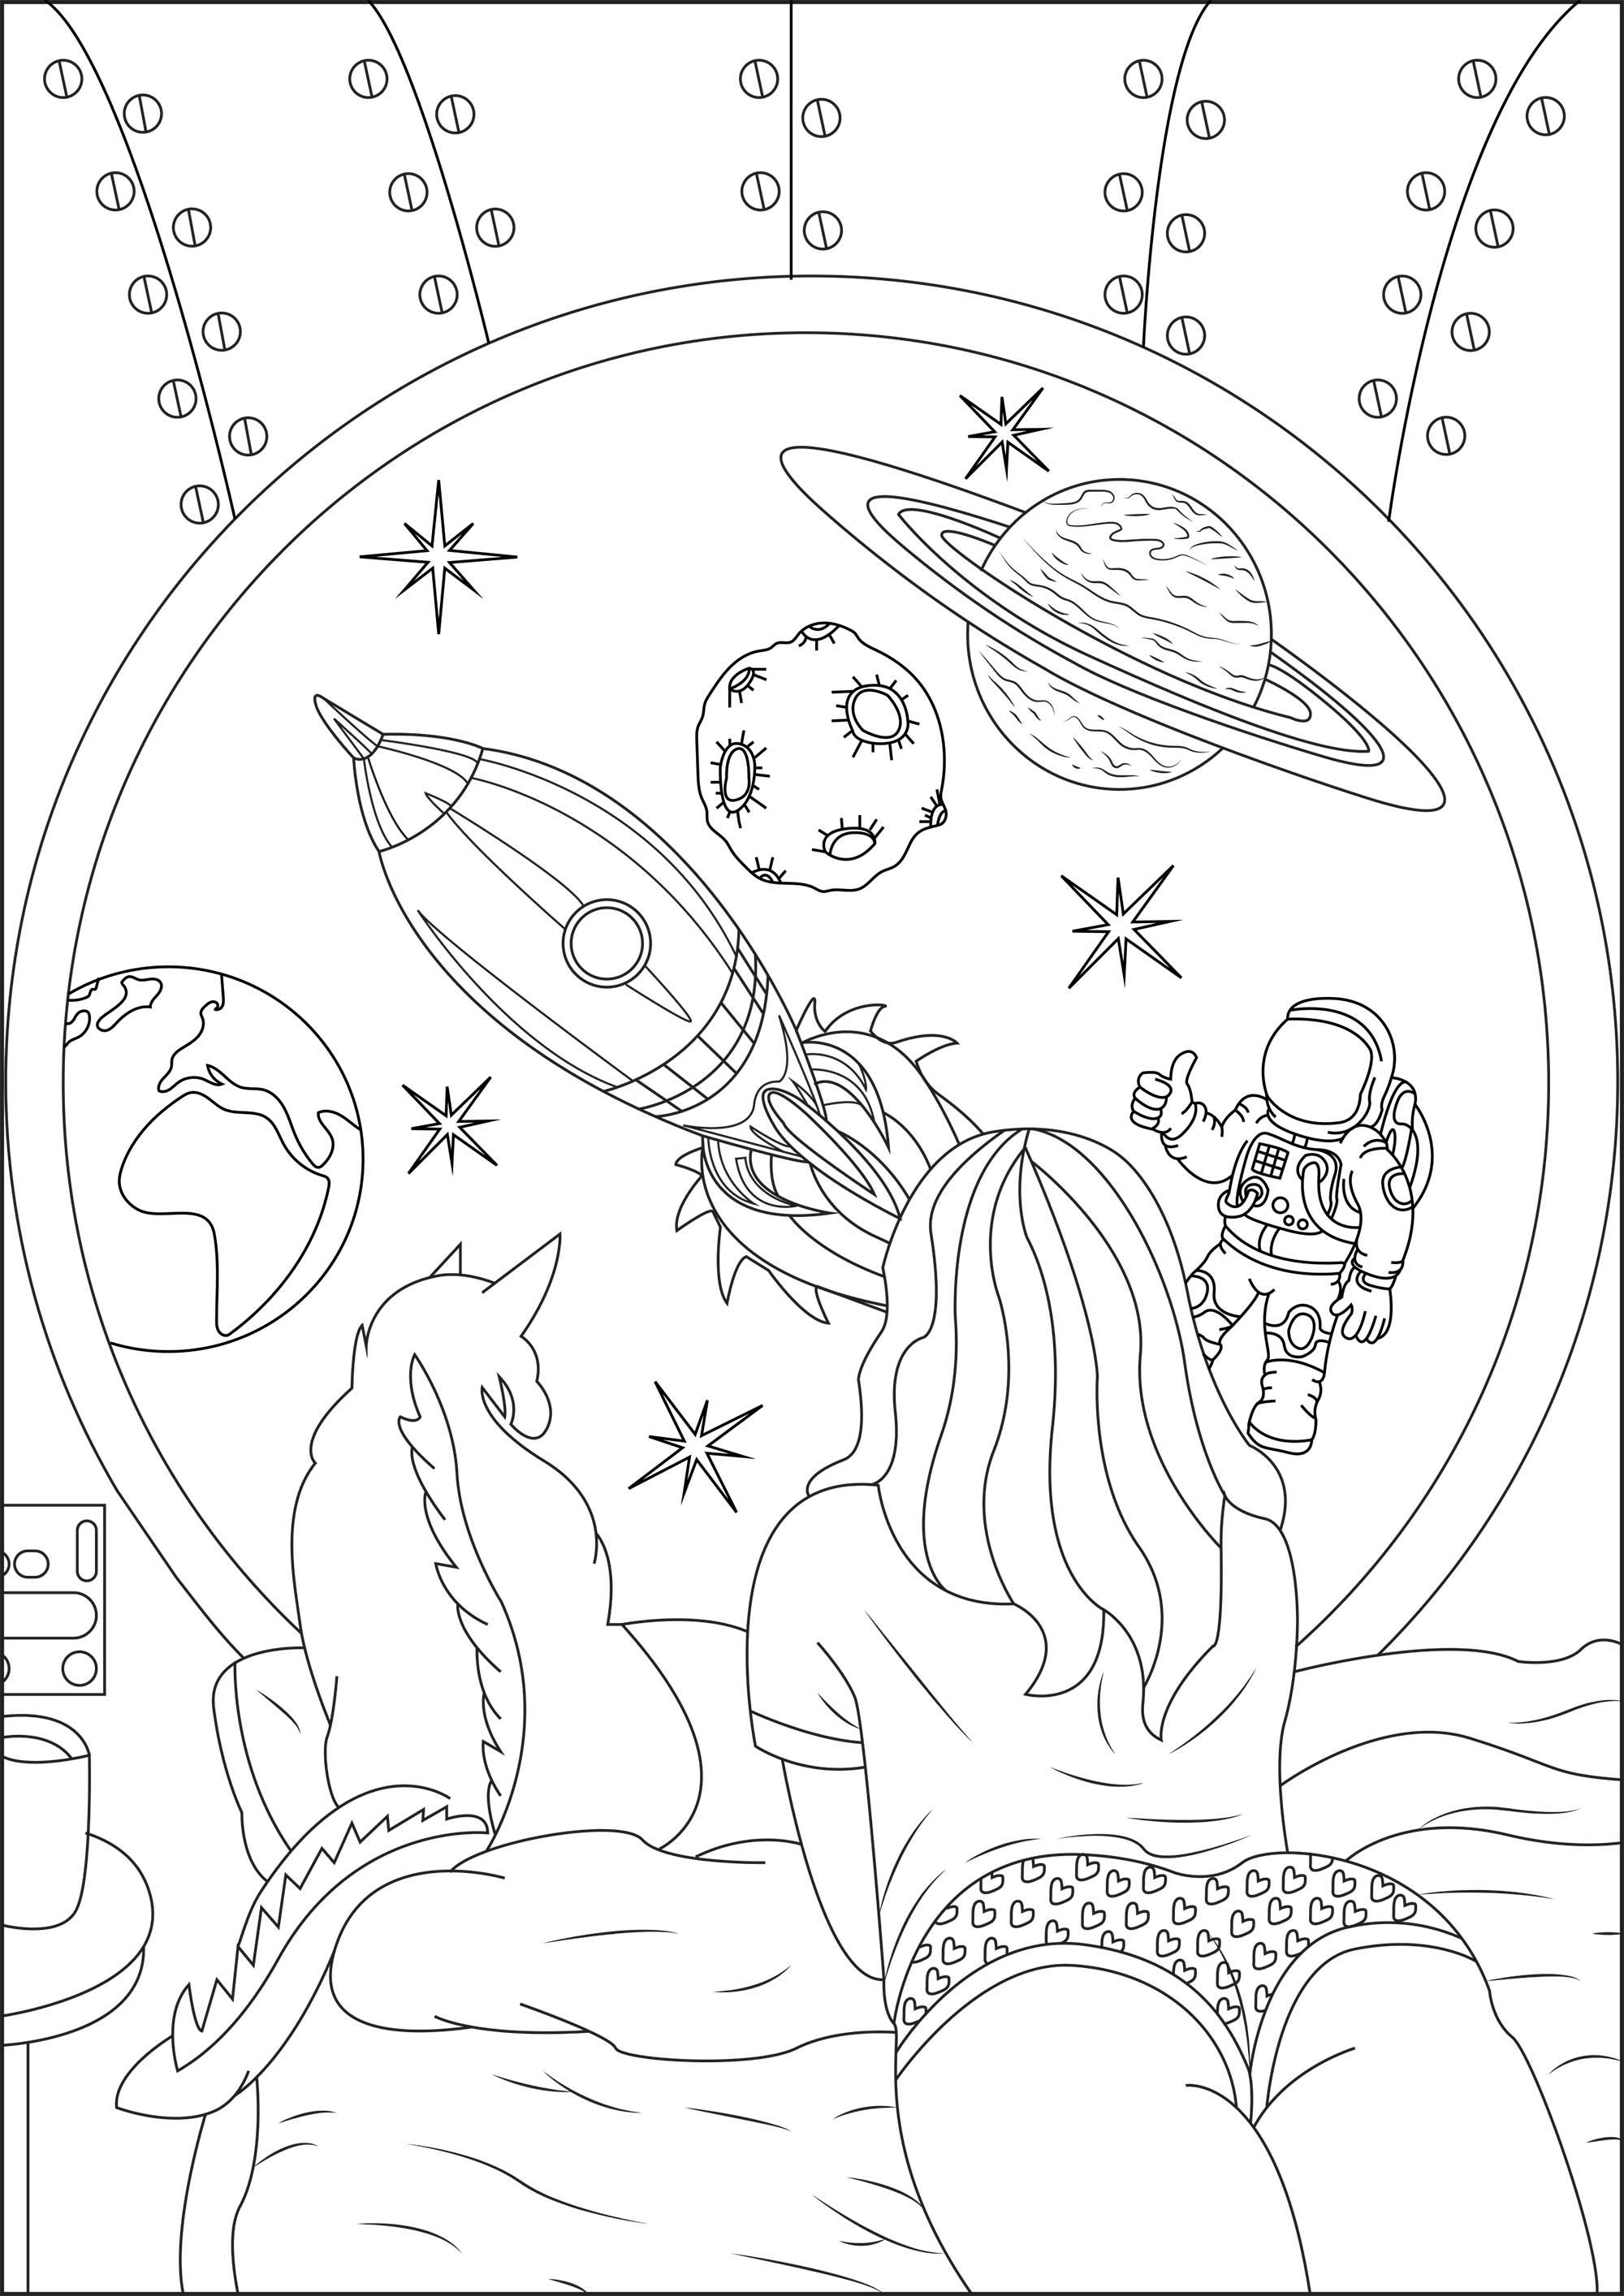 Fille rêvant d'un voyage dans l'espace avec son chat. Par le hublot de sa navette, elle voit : une fusée, la lune, la Terre, une astéroïde, Saturne, un Astrononaute, ainsi que de jolies étoiles brillantes